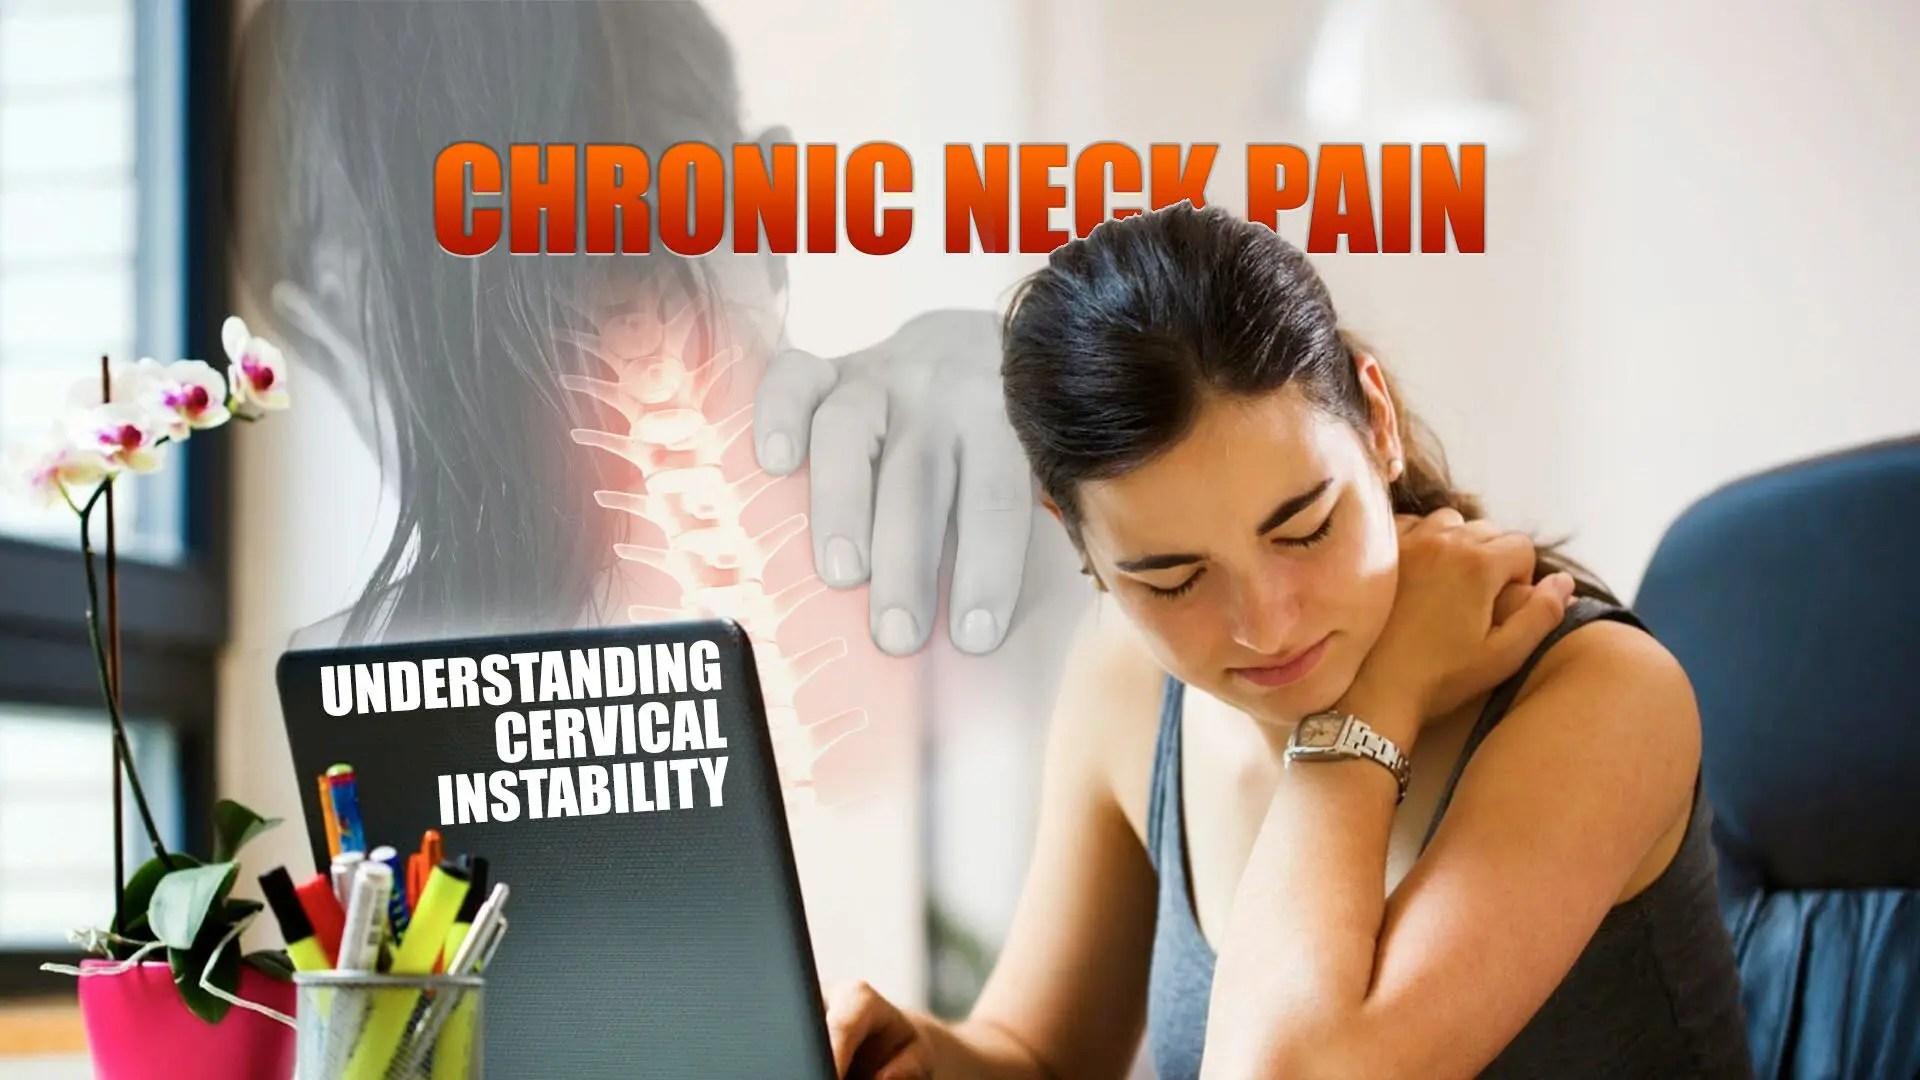 atlanto-axiális ízületi arthrosis kezelés)